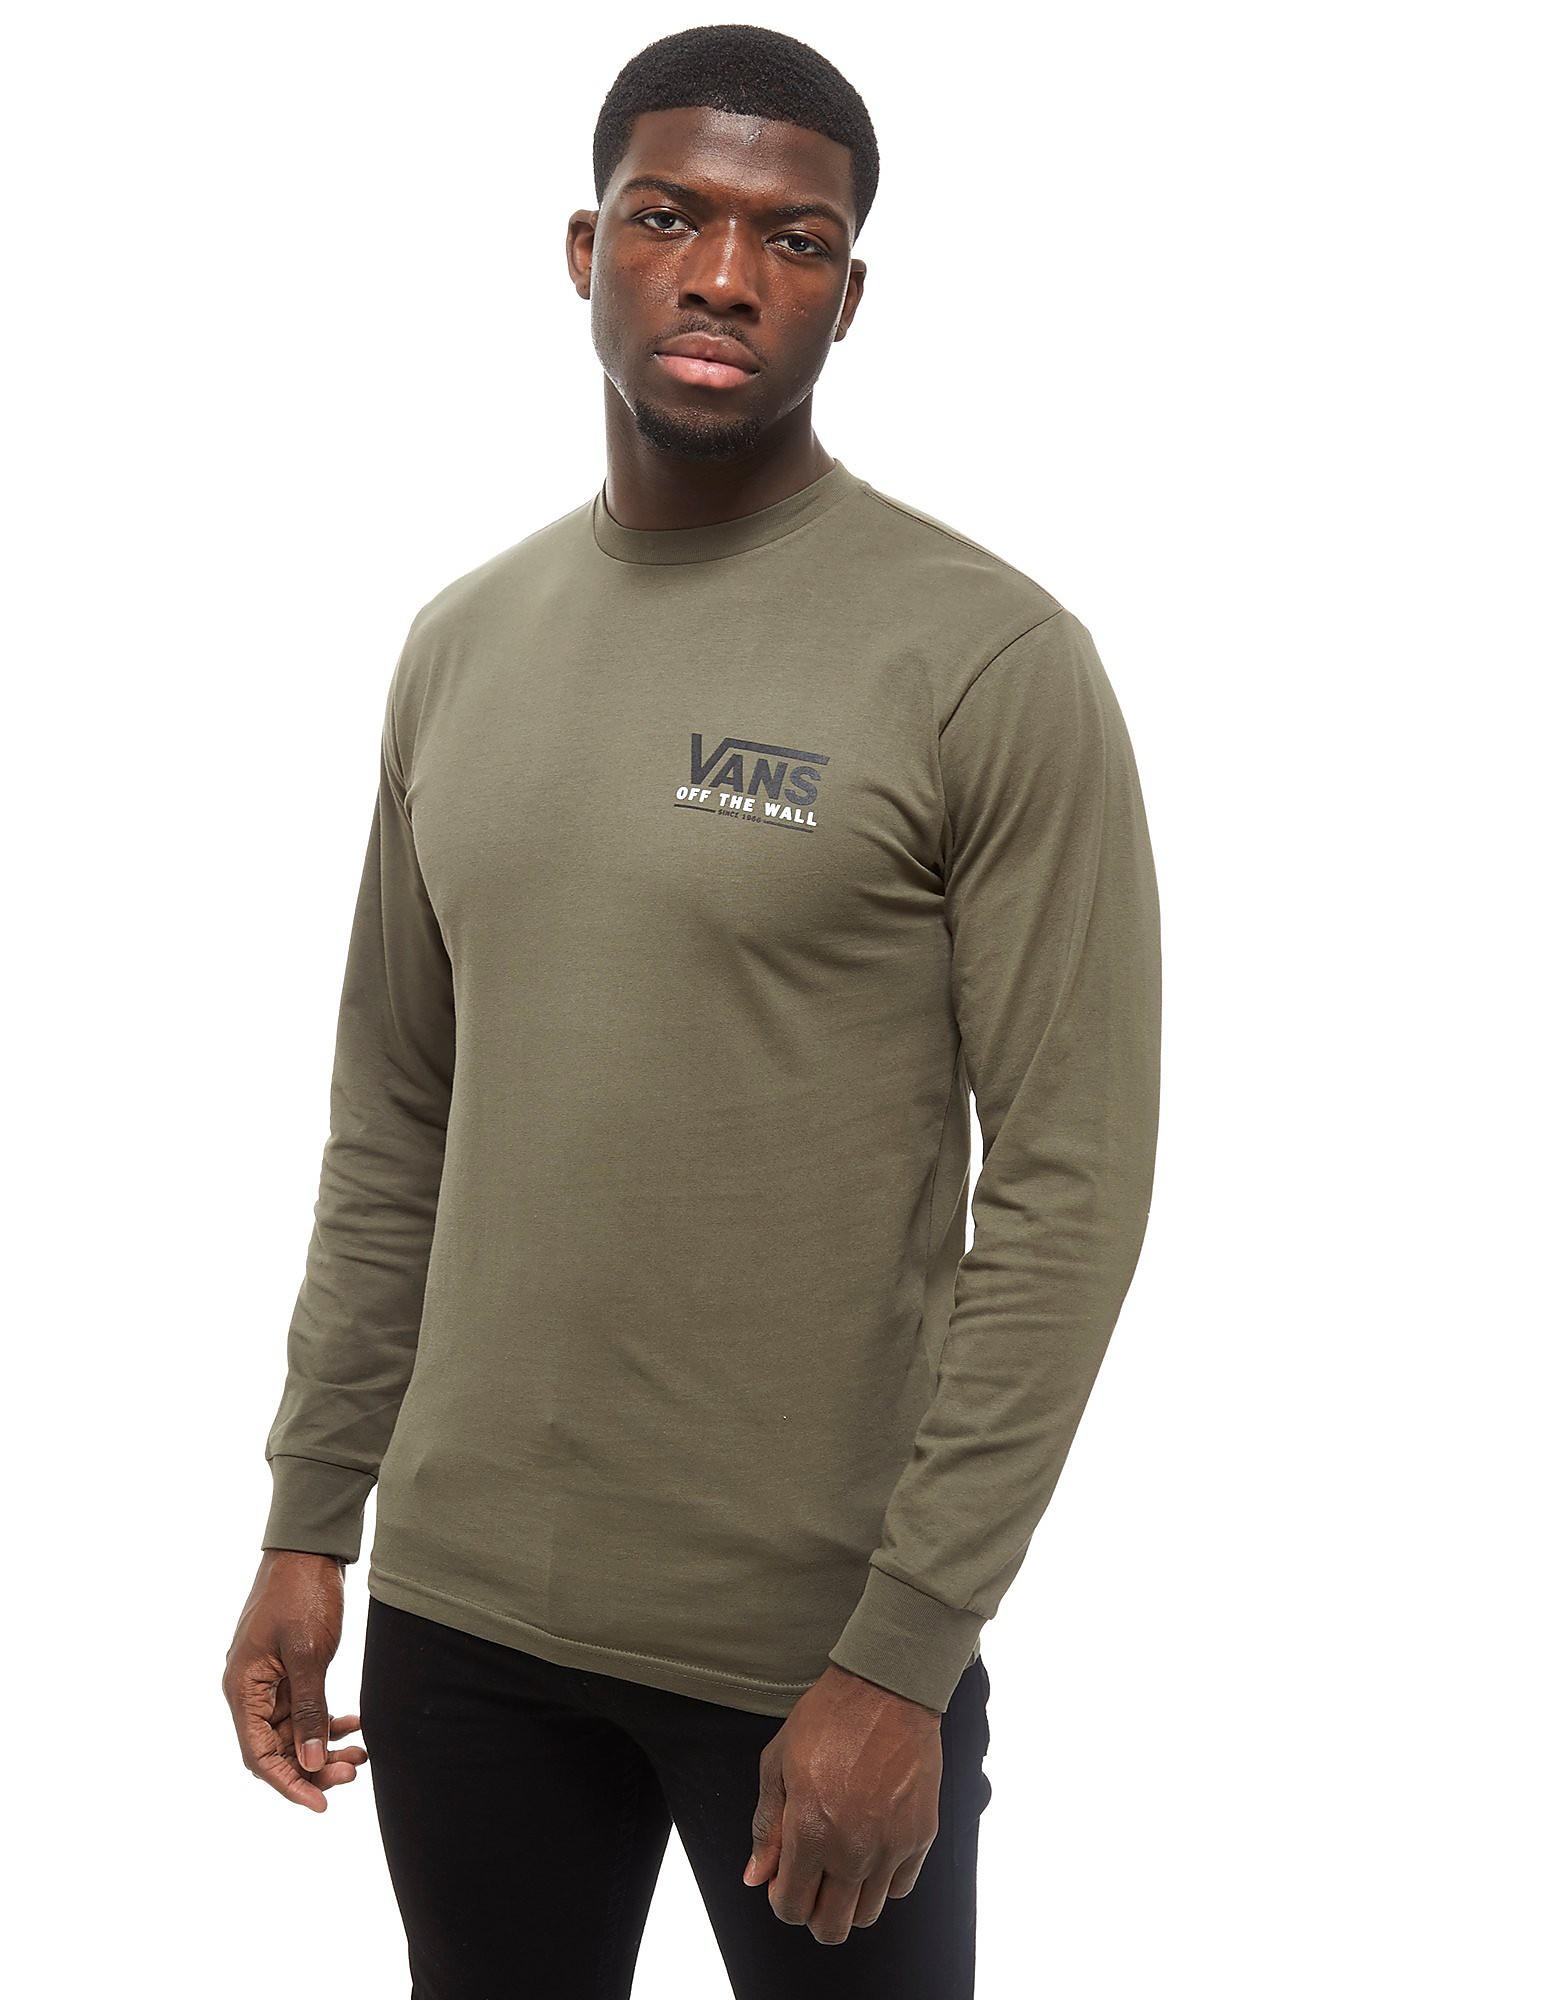 Vans Carter Long Sleeve T-Shirt